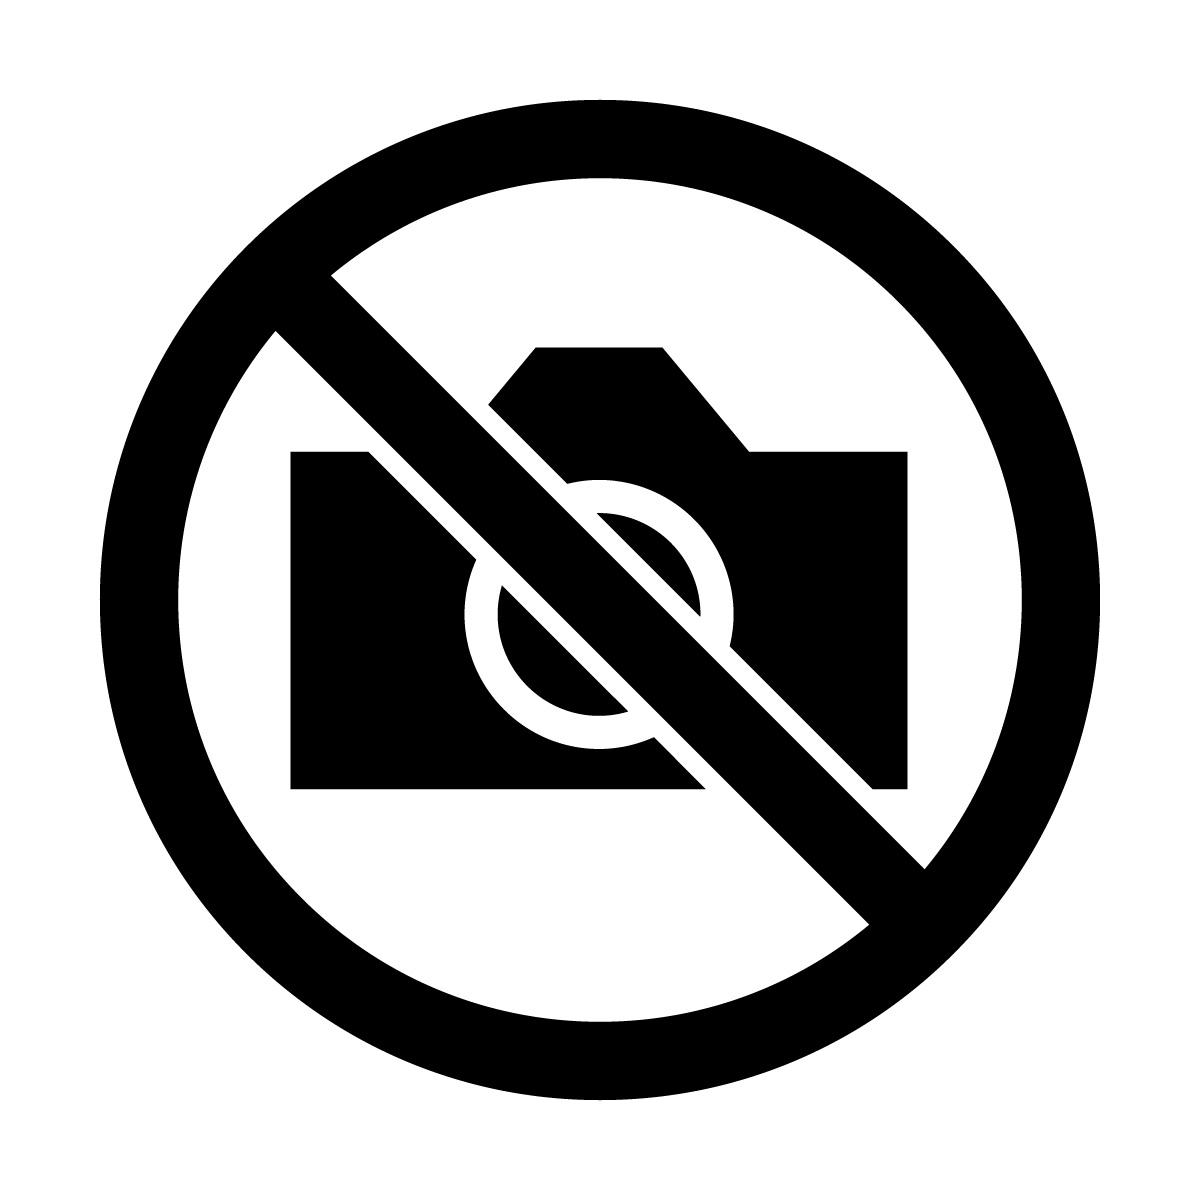 黒色の撮影禁止マークのカッティングステッカー・シール 光沢タイプ・防水・耐水・屋外耐候3~4年